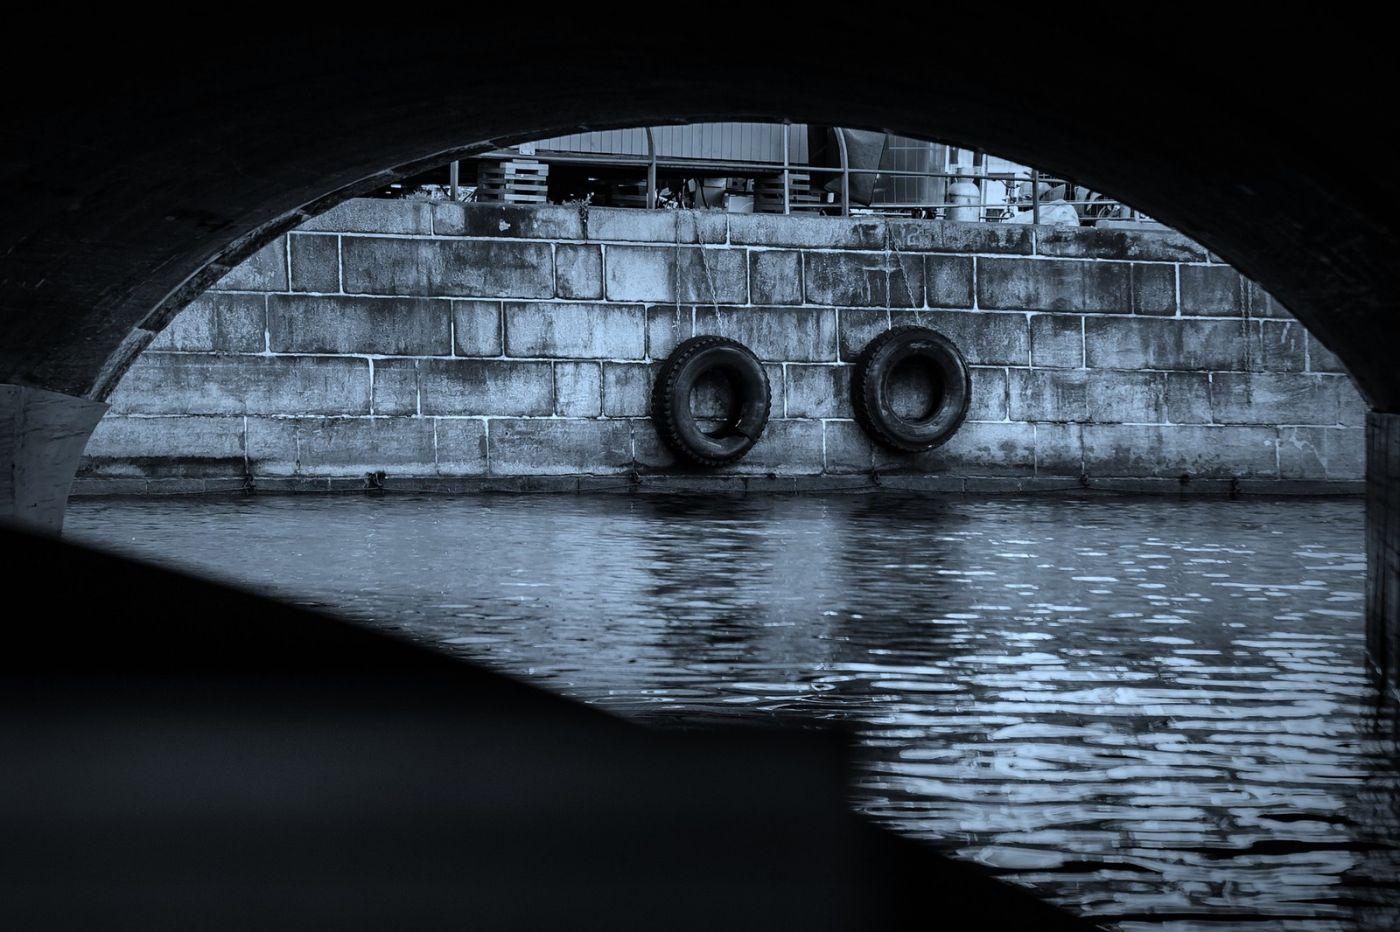 丹麦哥本哈根,坐船看市景_图1-22